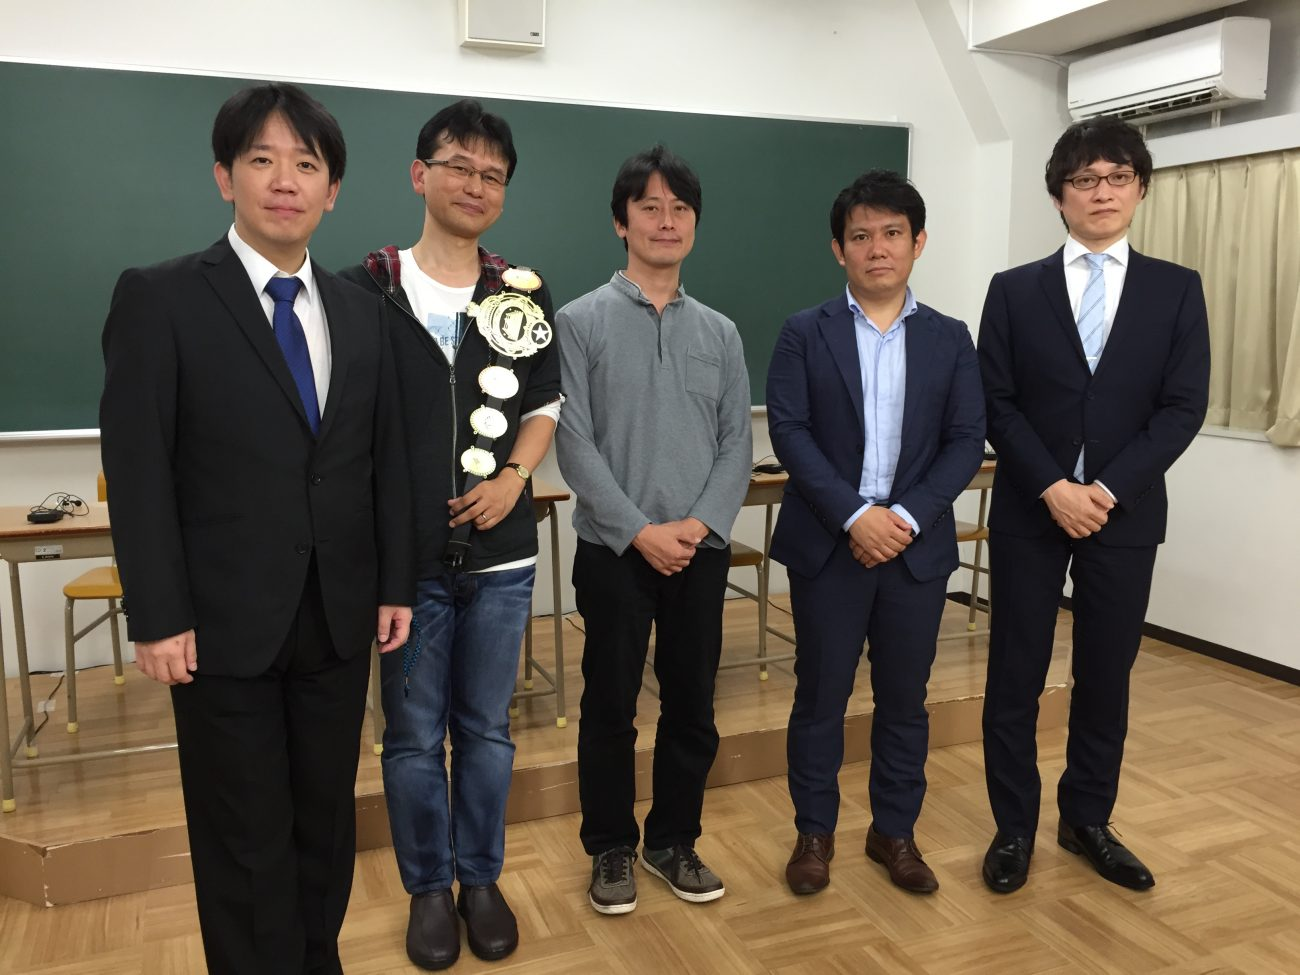 QUIZ JAPAN TVのオリジナルクイズ番組「魁!!クイズ塾」第20回は「サラリーマン大会」!